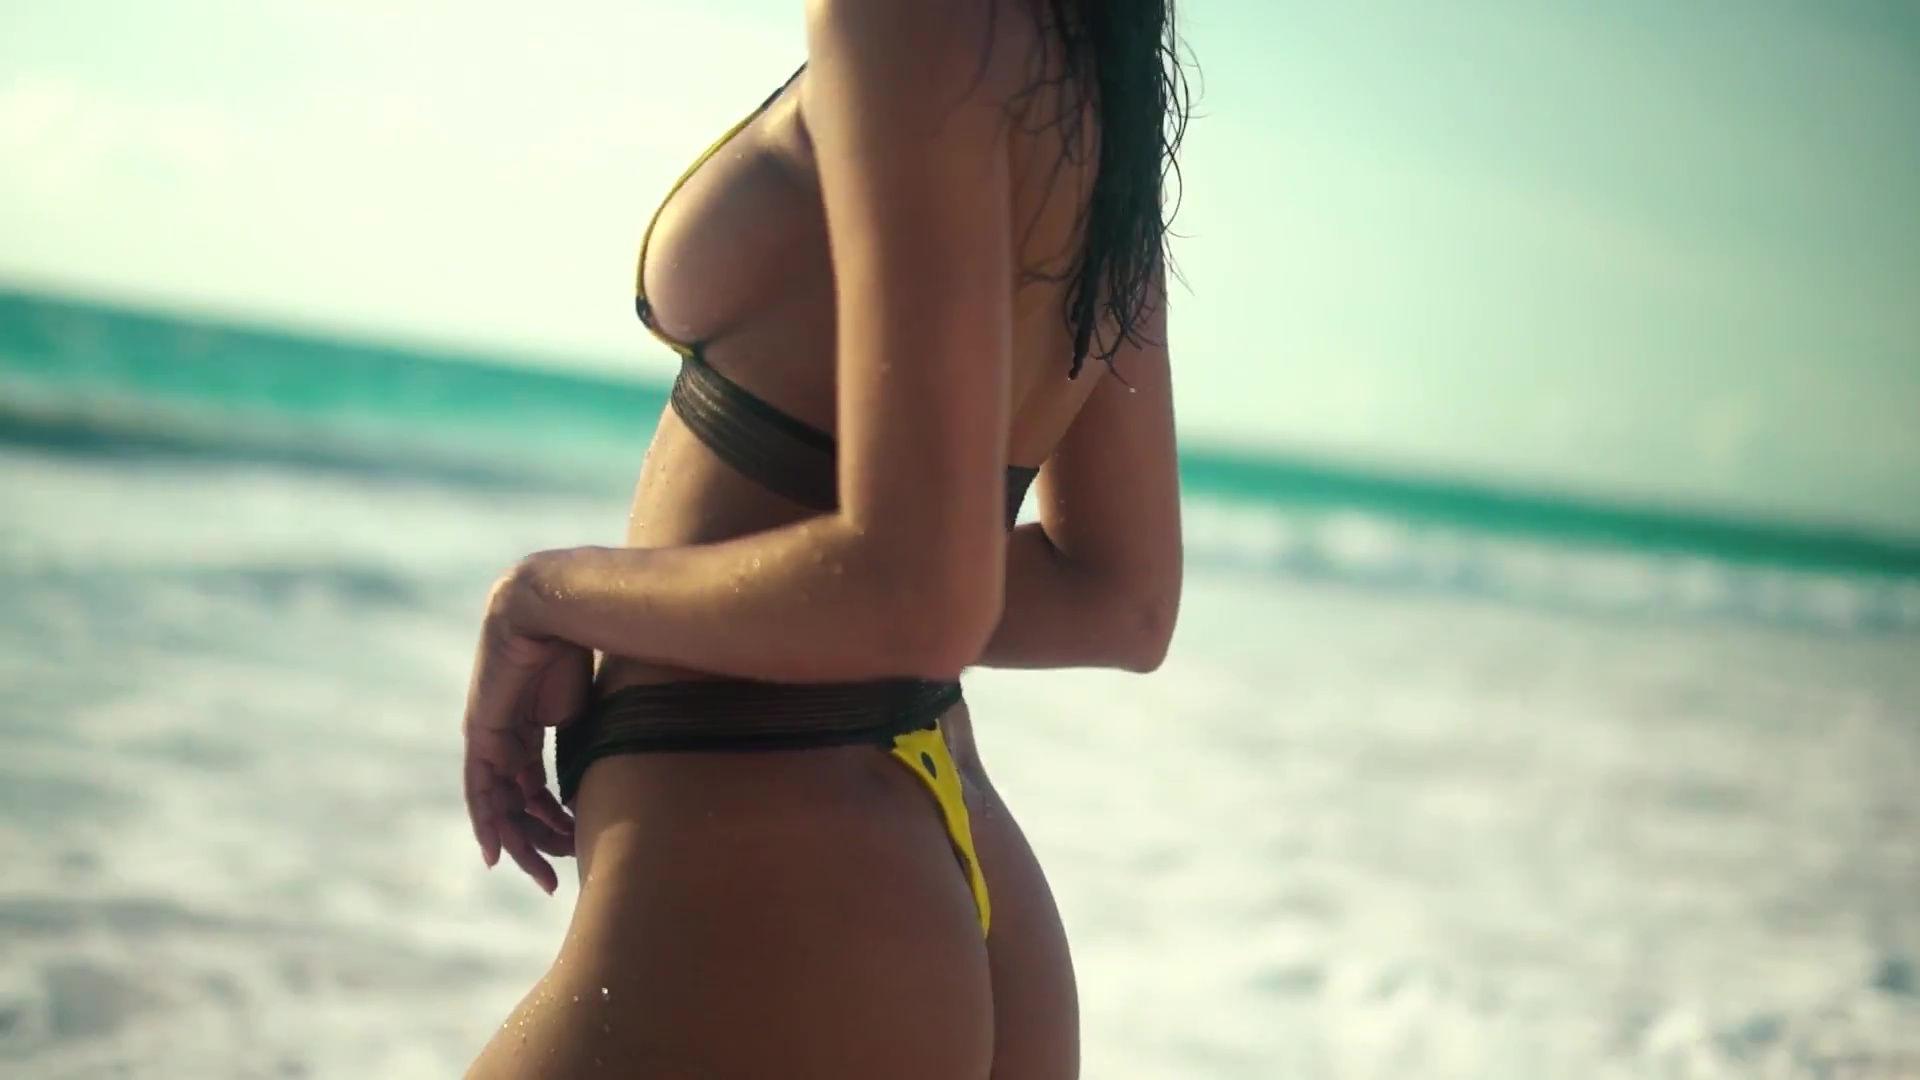 0919045630832_27_Lais-Ribeiro-Sexy-TheFappeningBlog.com-28-1.jpg